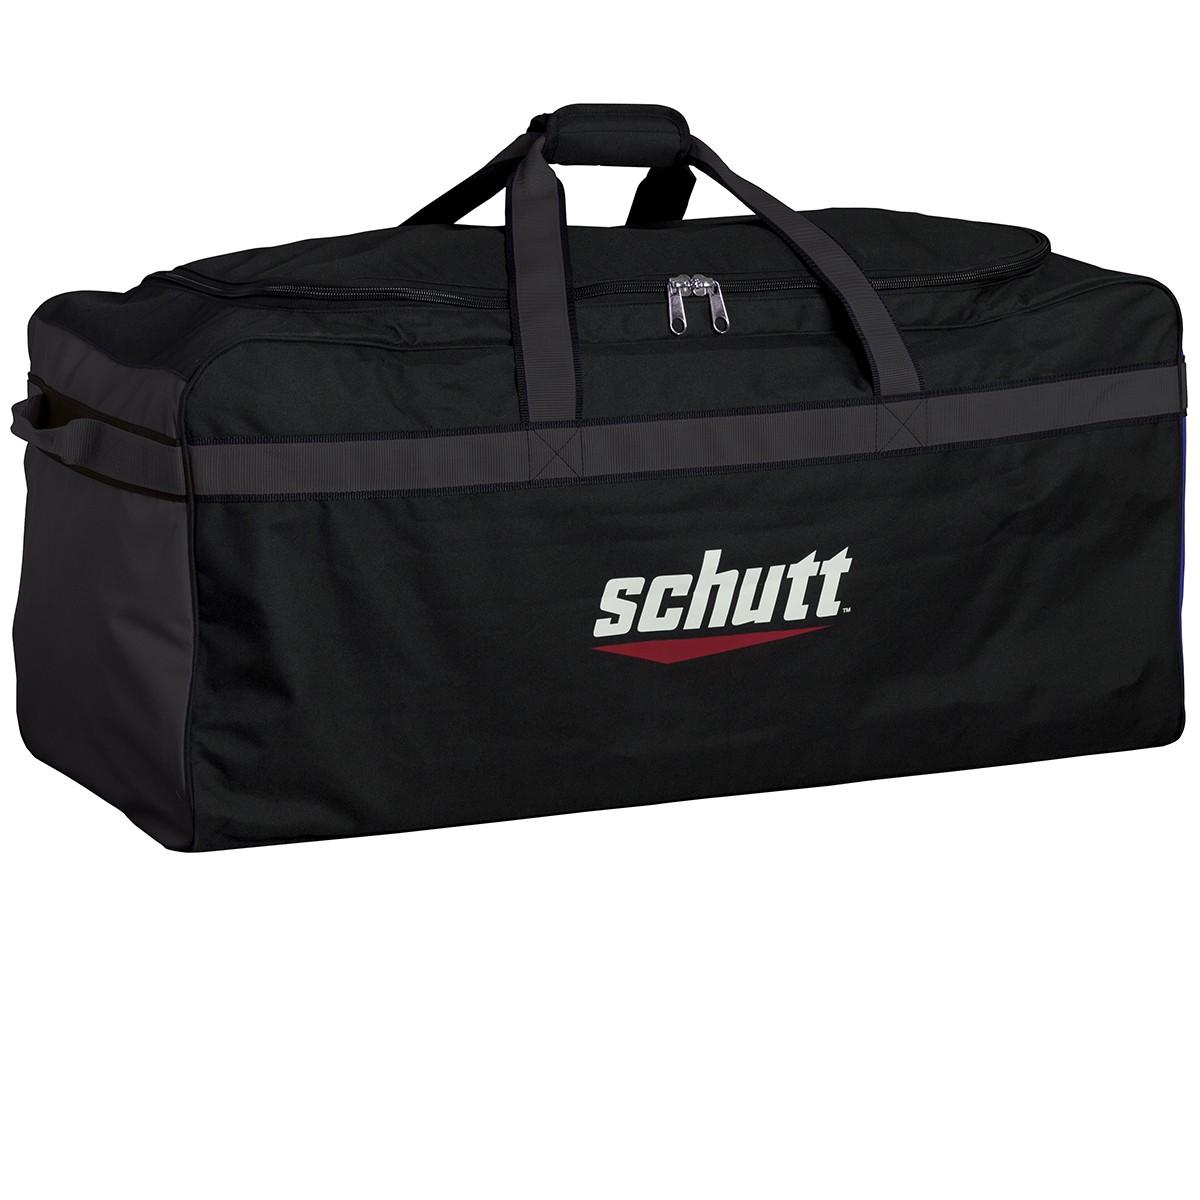 2d0be62cb942 Schutt 12845506 Team Equipment Bag